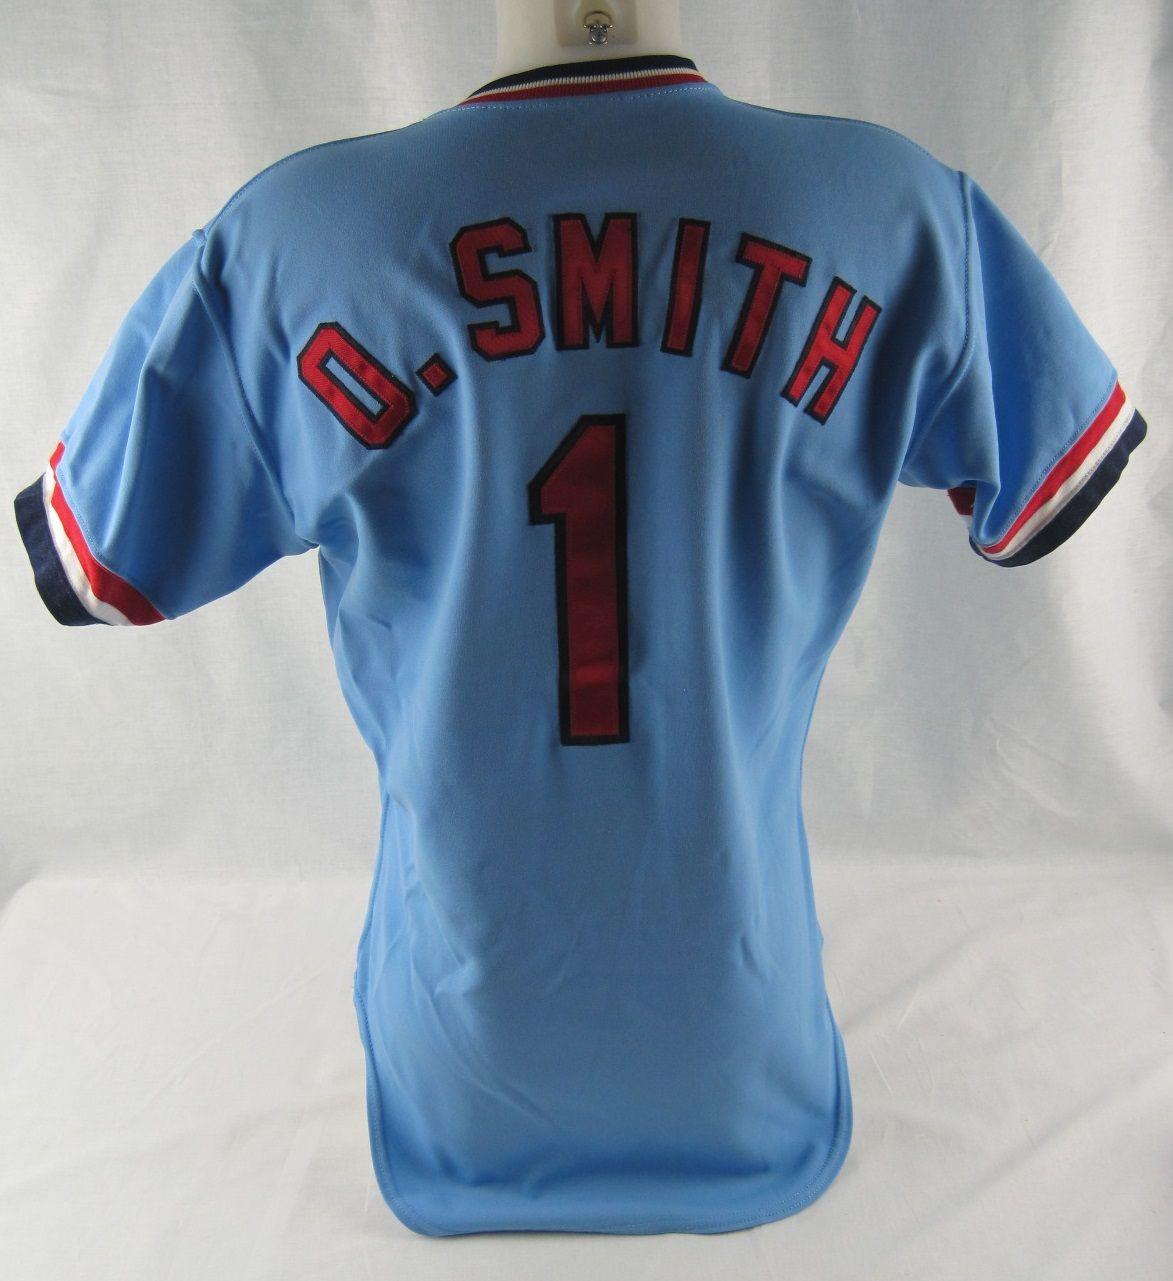 buy online d1864 59c55 Lot Detail - Ozzie Smith 1983 St. Louis Cardinals ...